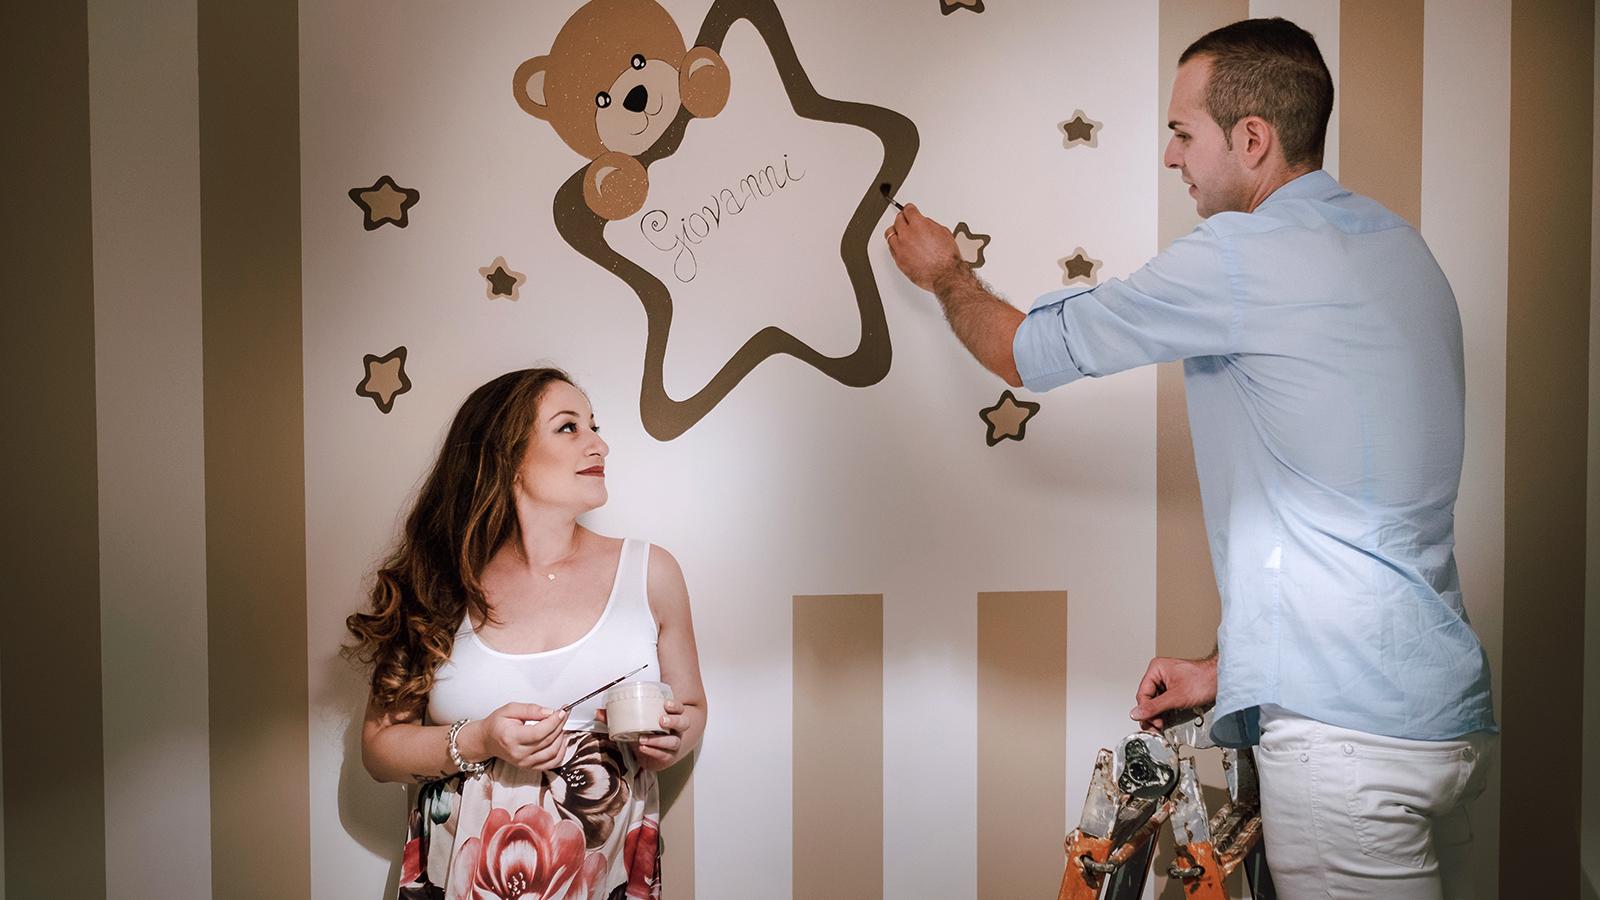 foto sposi nella cameretta del bambino